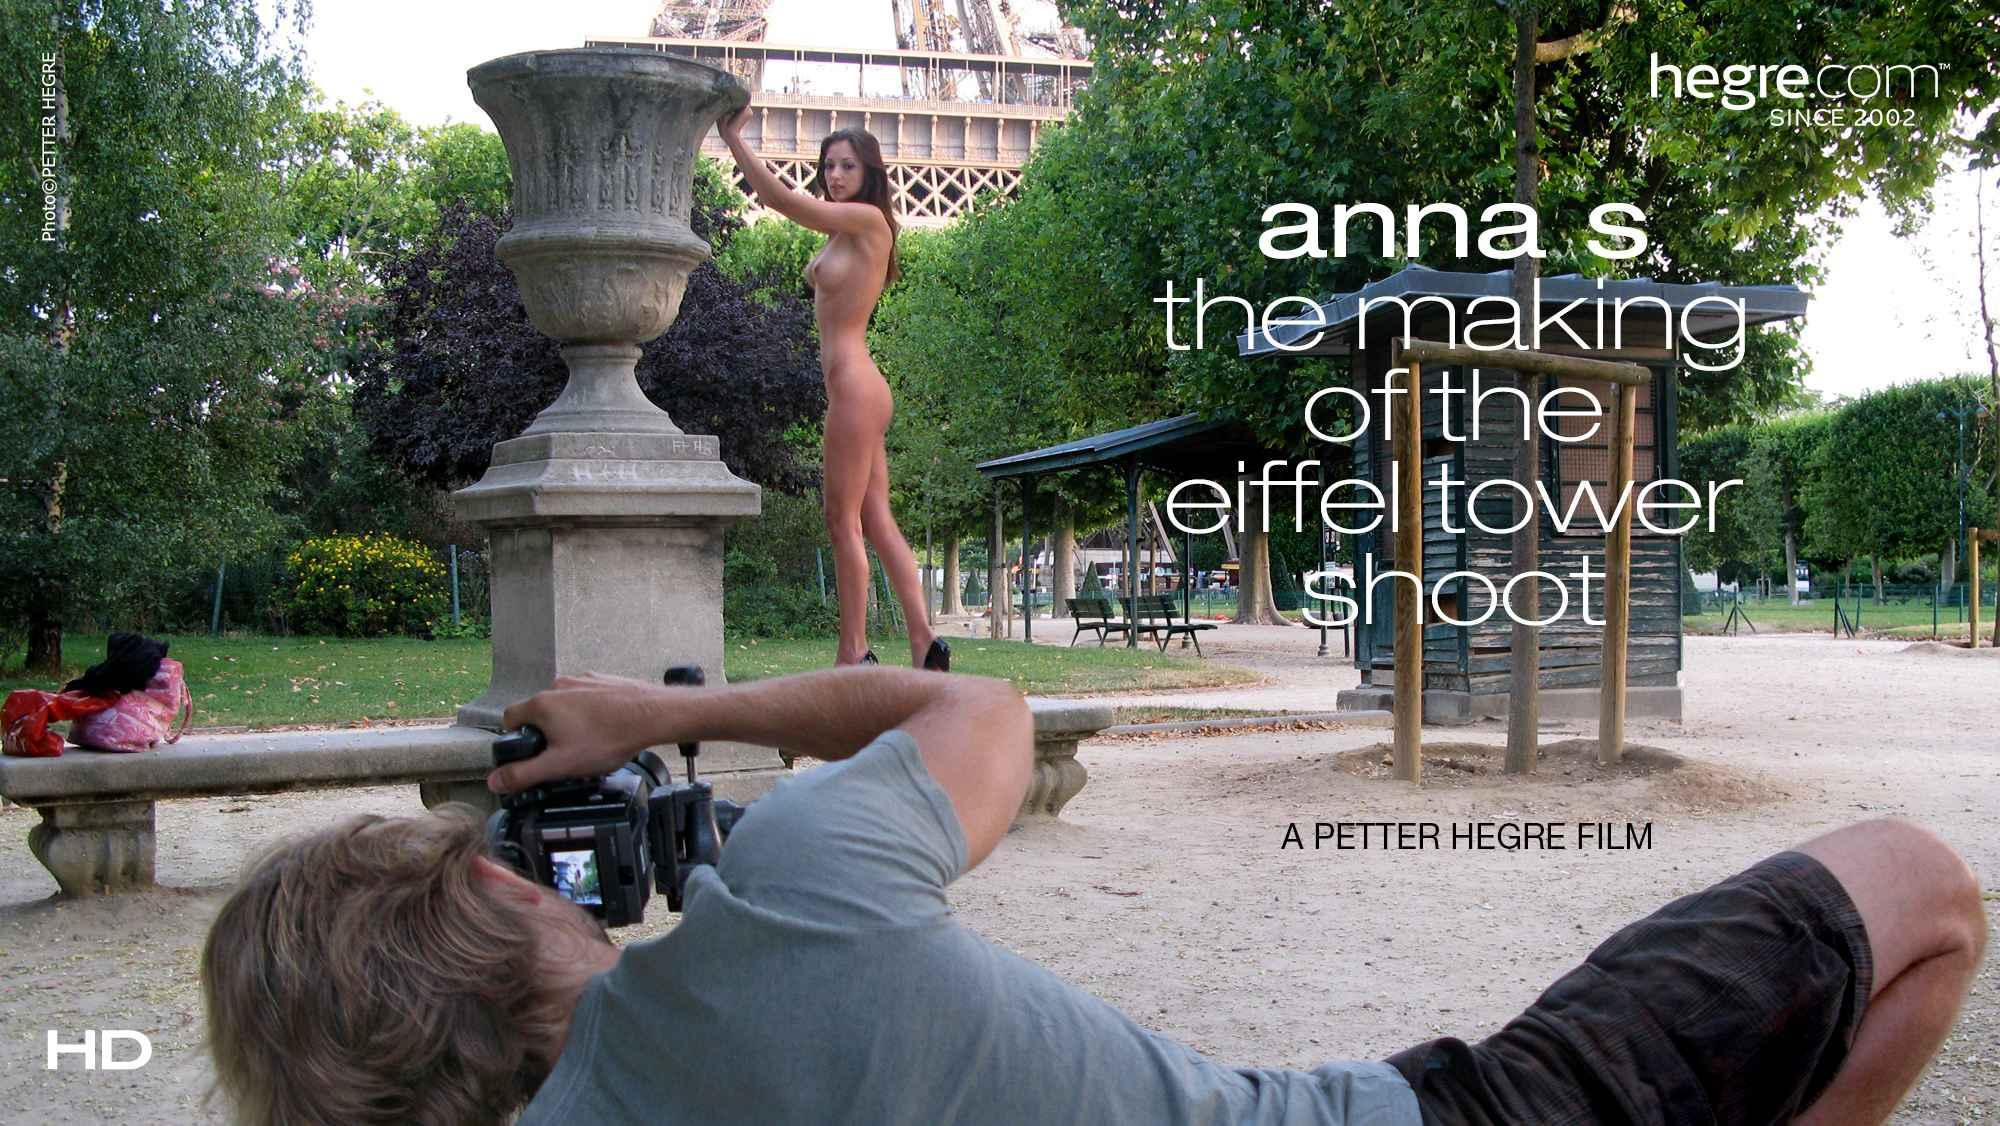 Anna S Die Entstehung der Eiffelturm-Aufnahmen